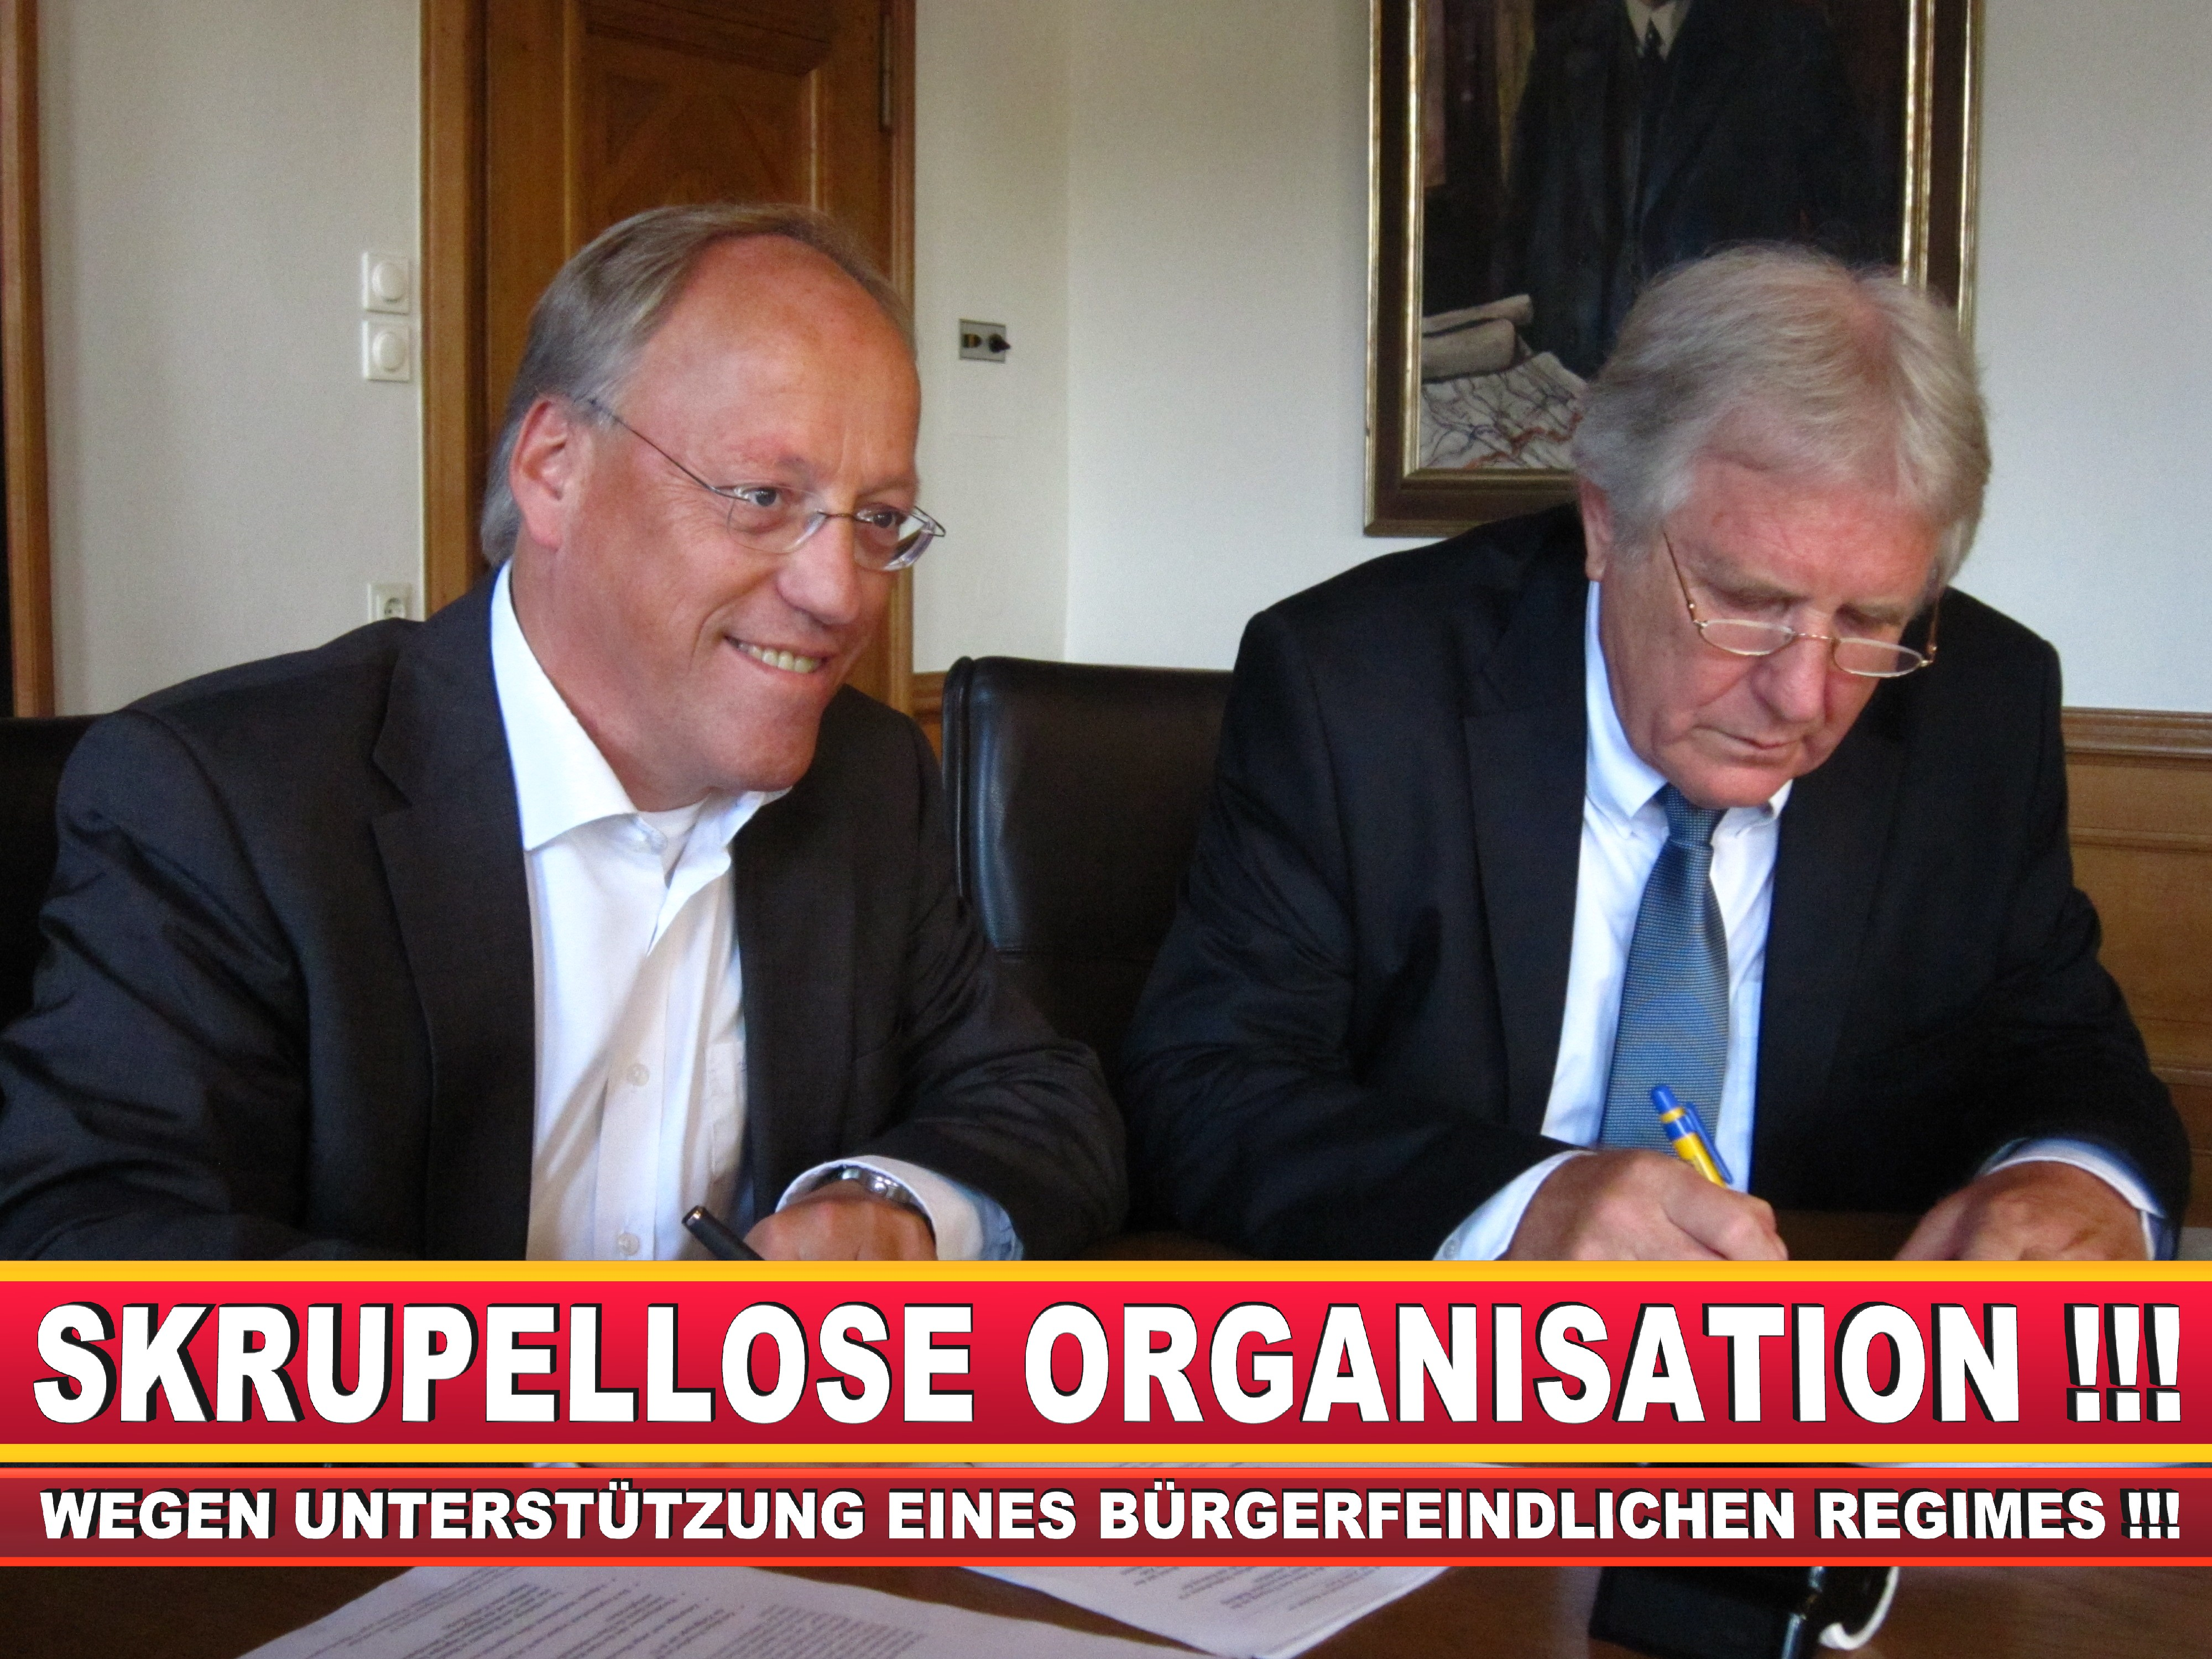 Polizeipräsident Erwin Südfeld Bielefeld Oberbürgermeister Bürgermeister Peter Clausen Pit Clausen Bielefeld (64)